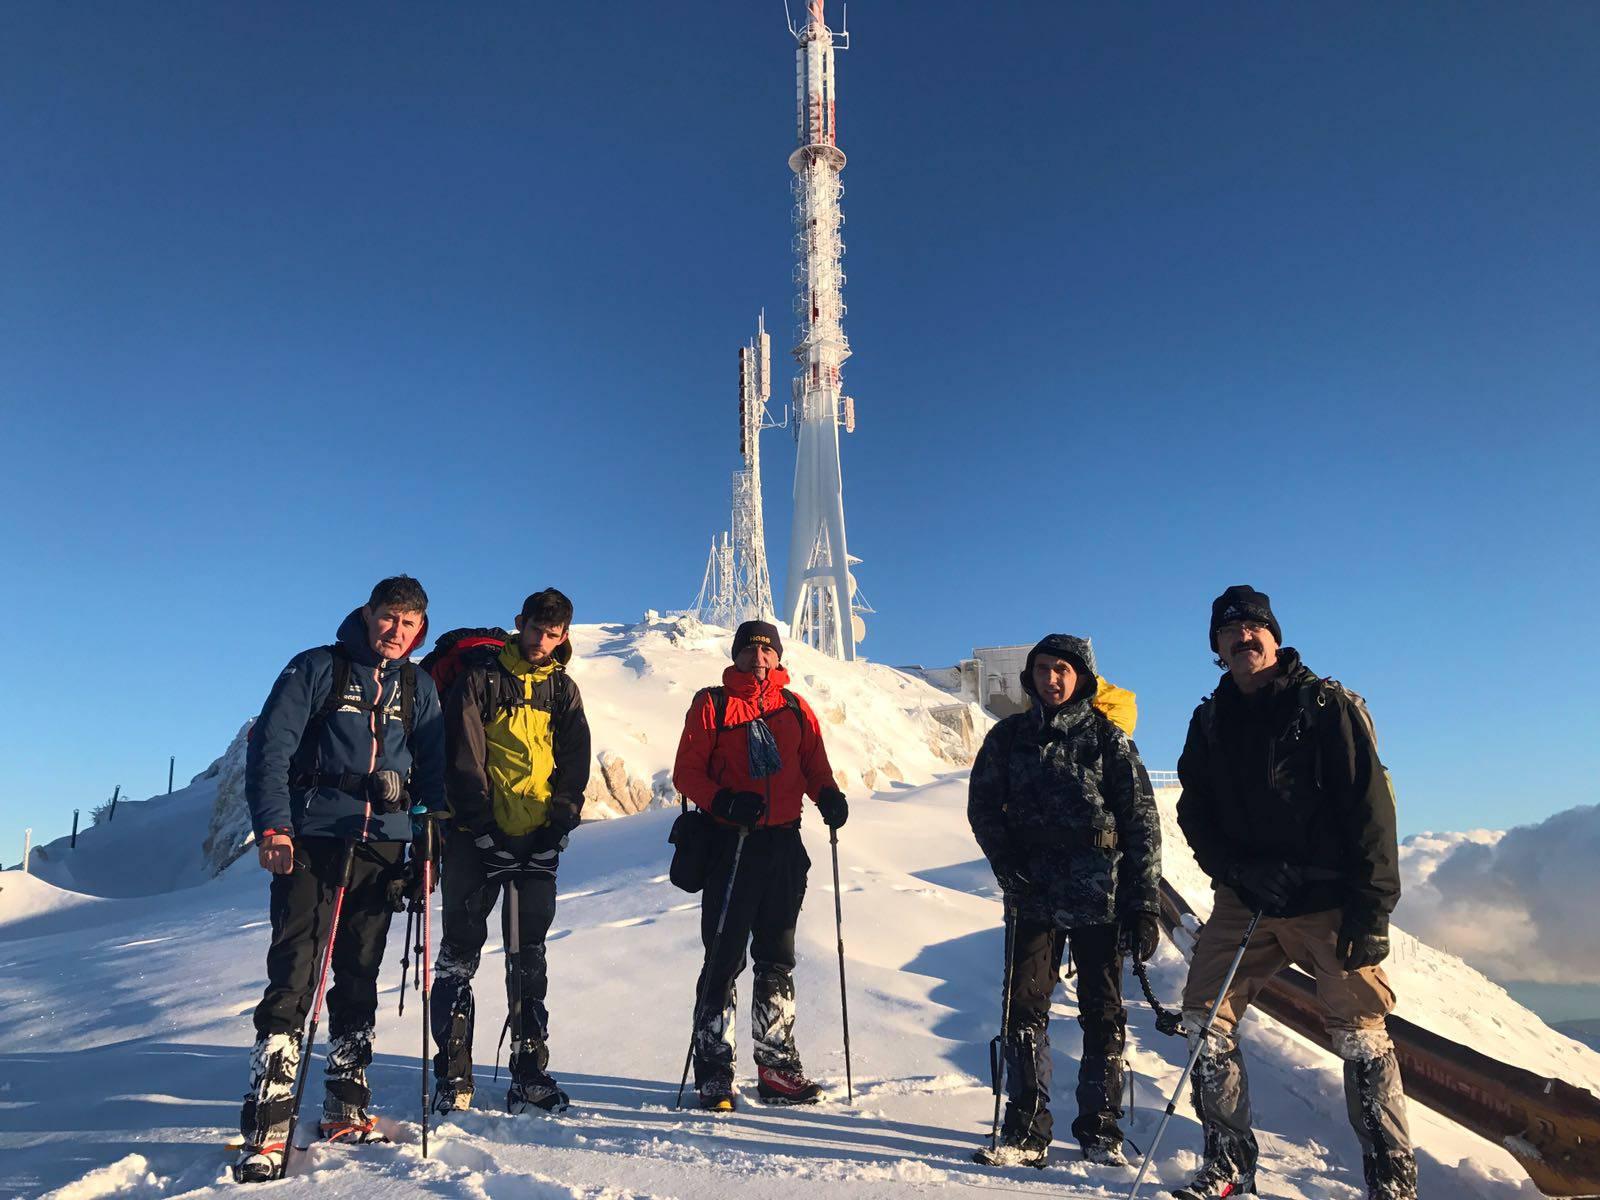 Mlikota i Božić počeli pripreme za osvajanje najviše planine